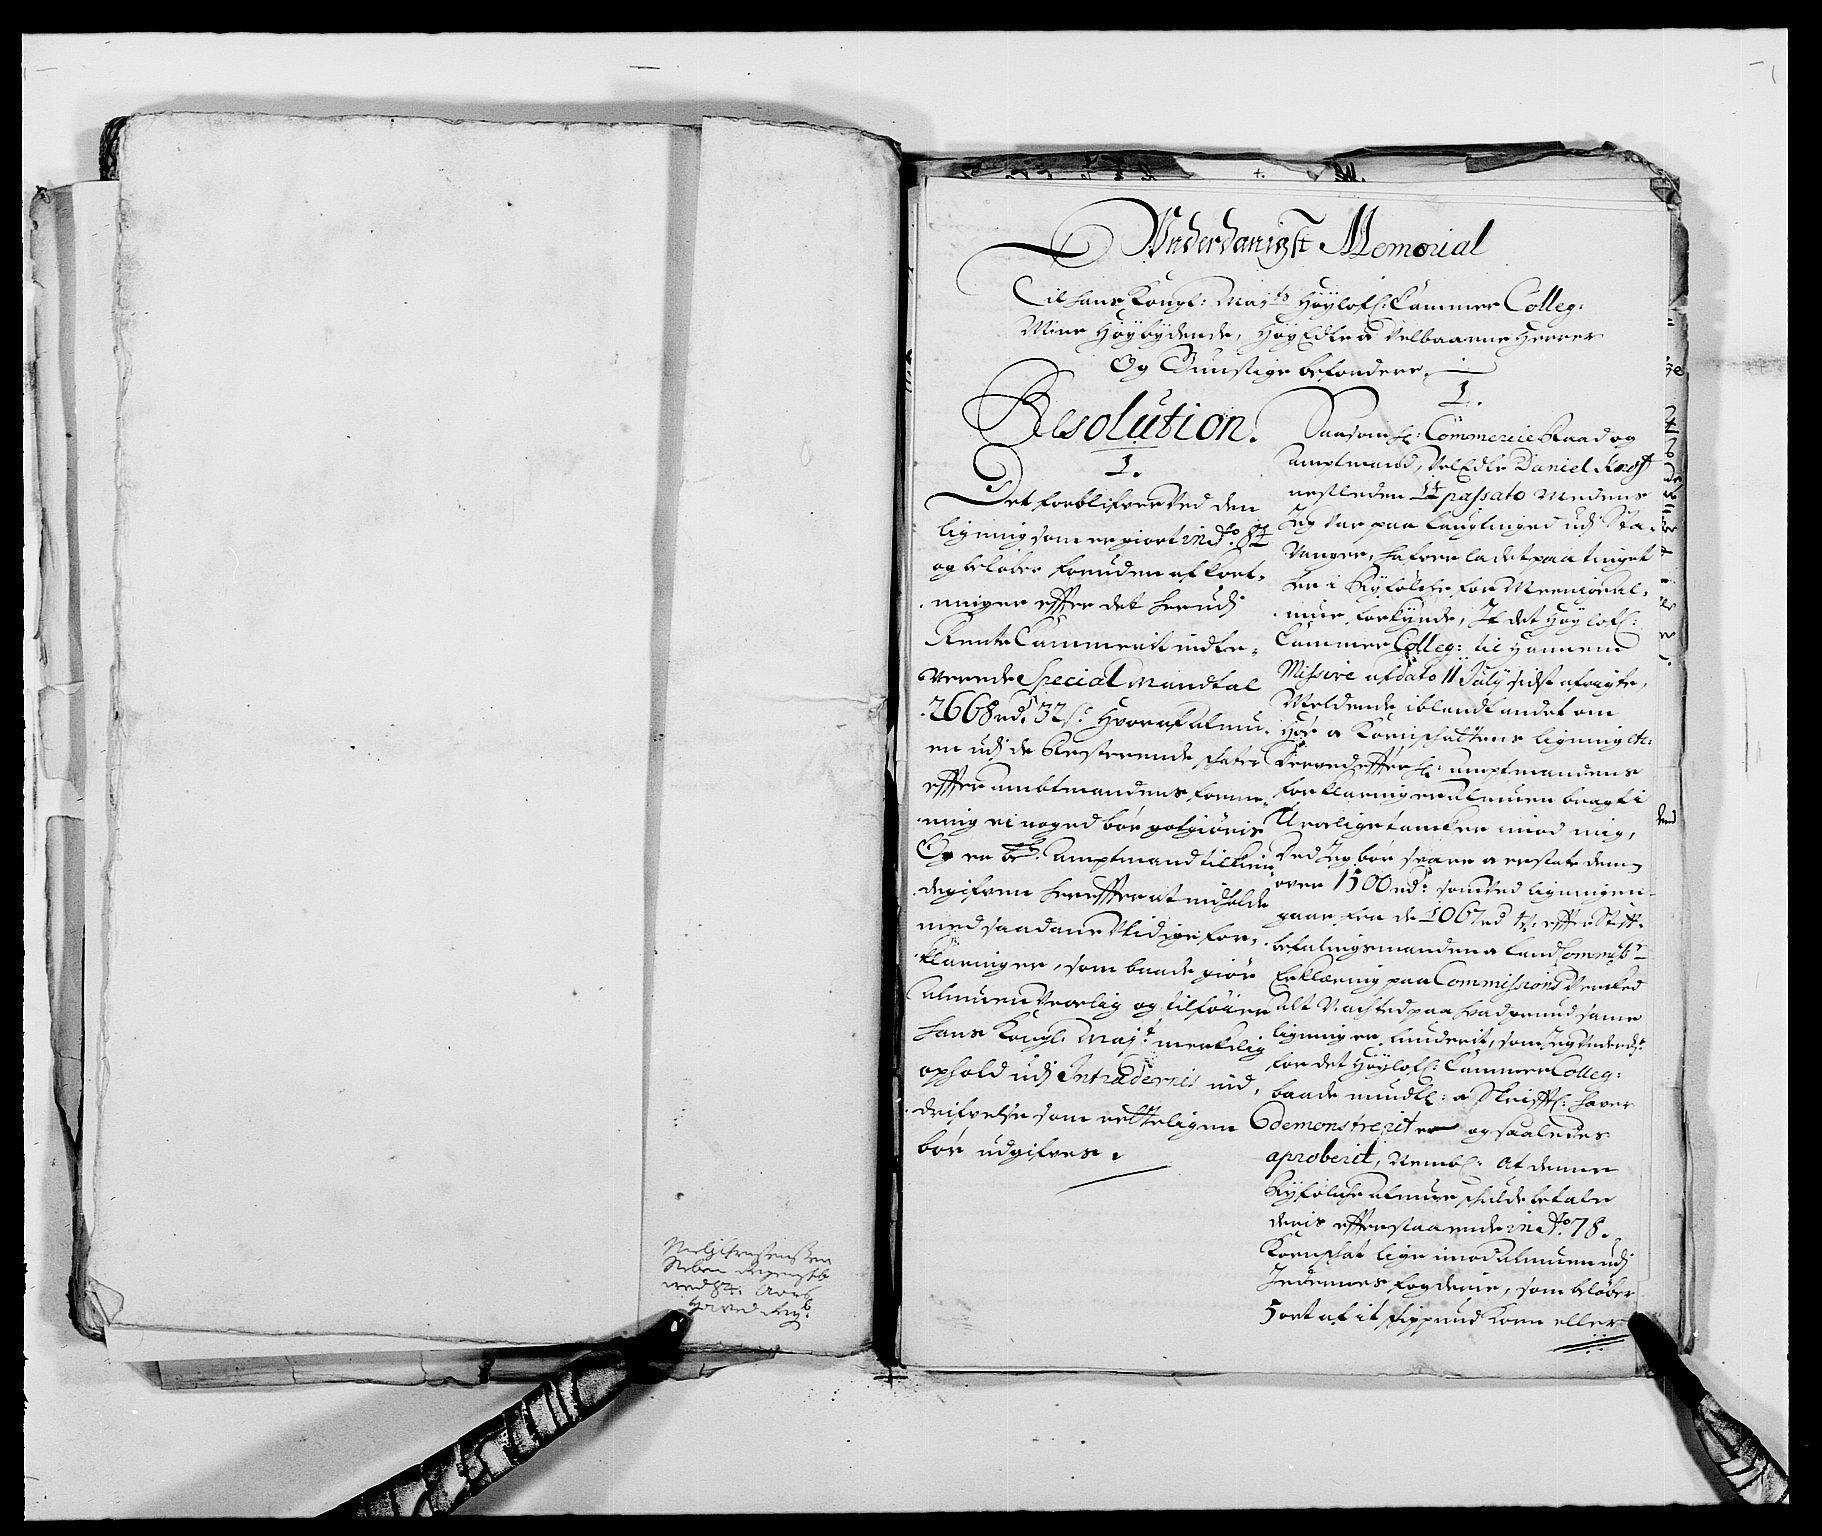 RA, Rentekammeret inntil 1814, Reviderte regnskaper, Fogderegnskap, R47/L2854: Fogderegnskap Ryfylke, 1684, s. 298